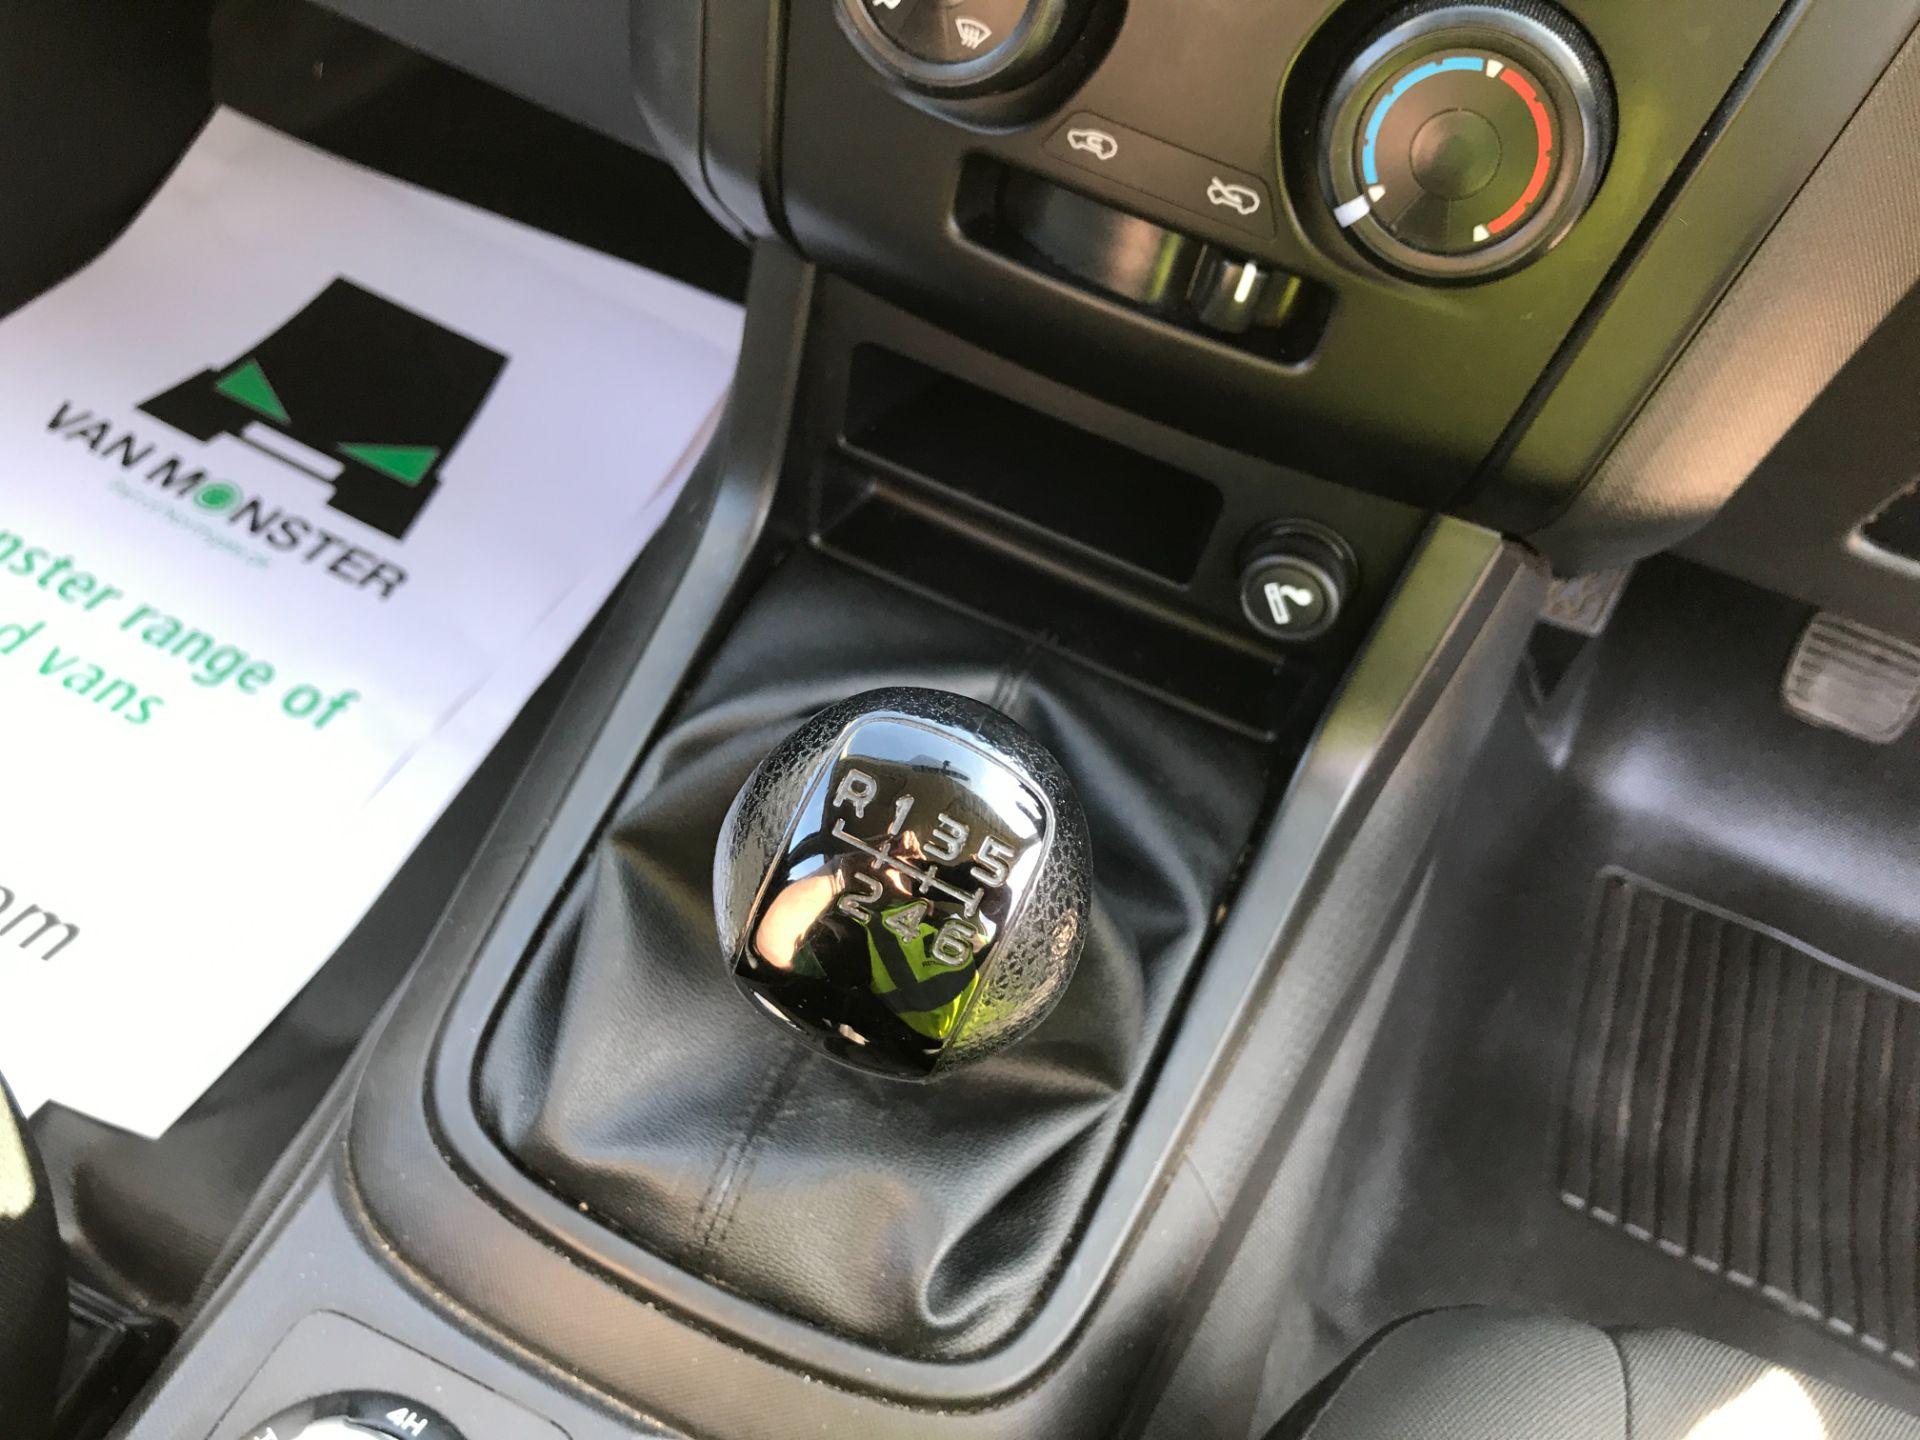 2017 Isuzu D-Max DOUBLE CAB 4X4 2.5TD EURO 5 AIR CON (YG17WSZ) Image 4